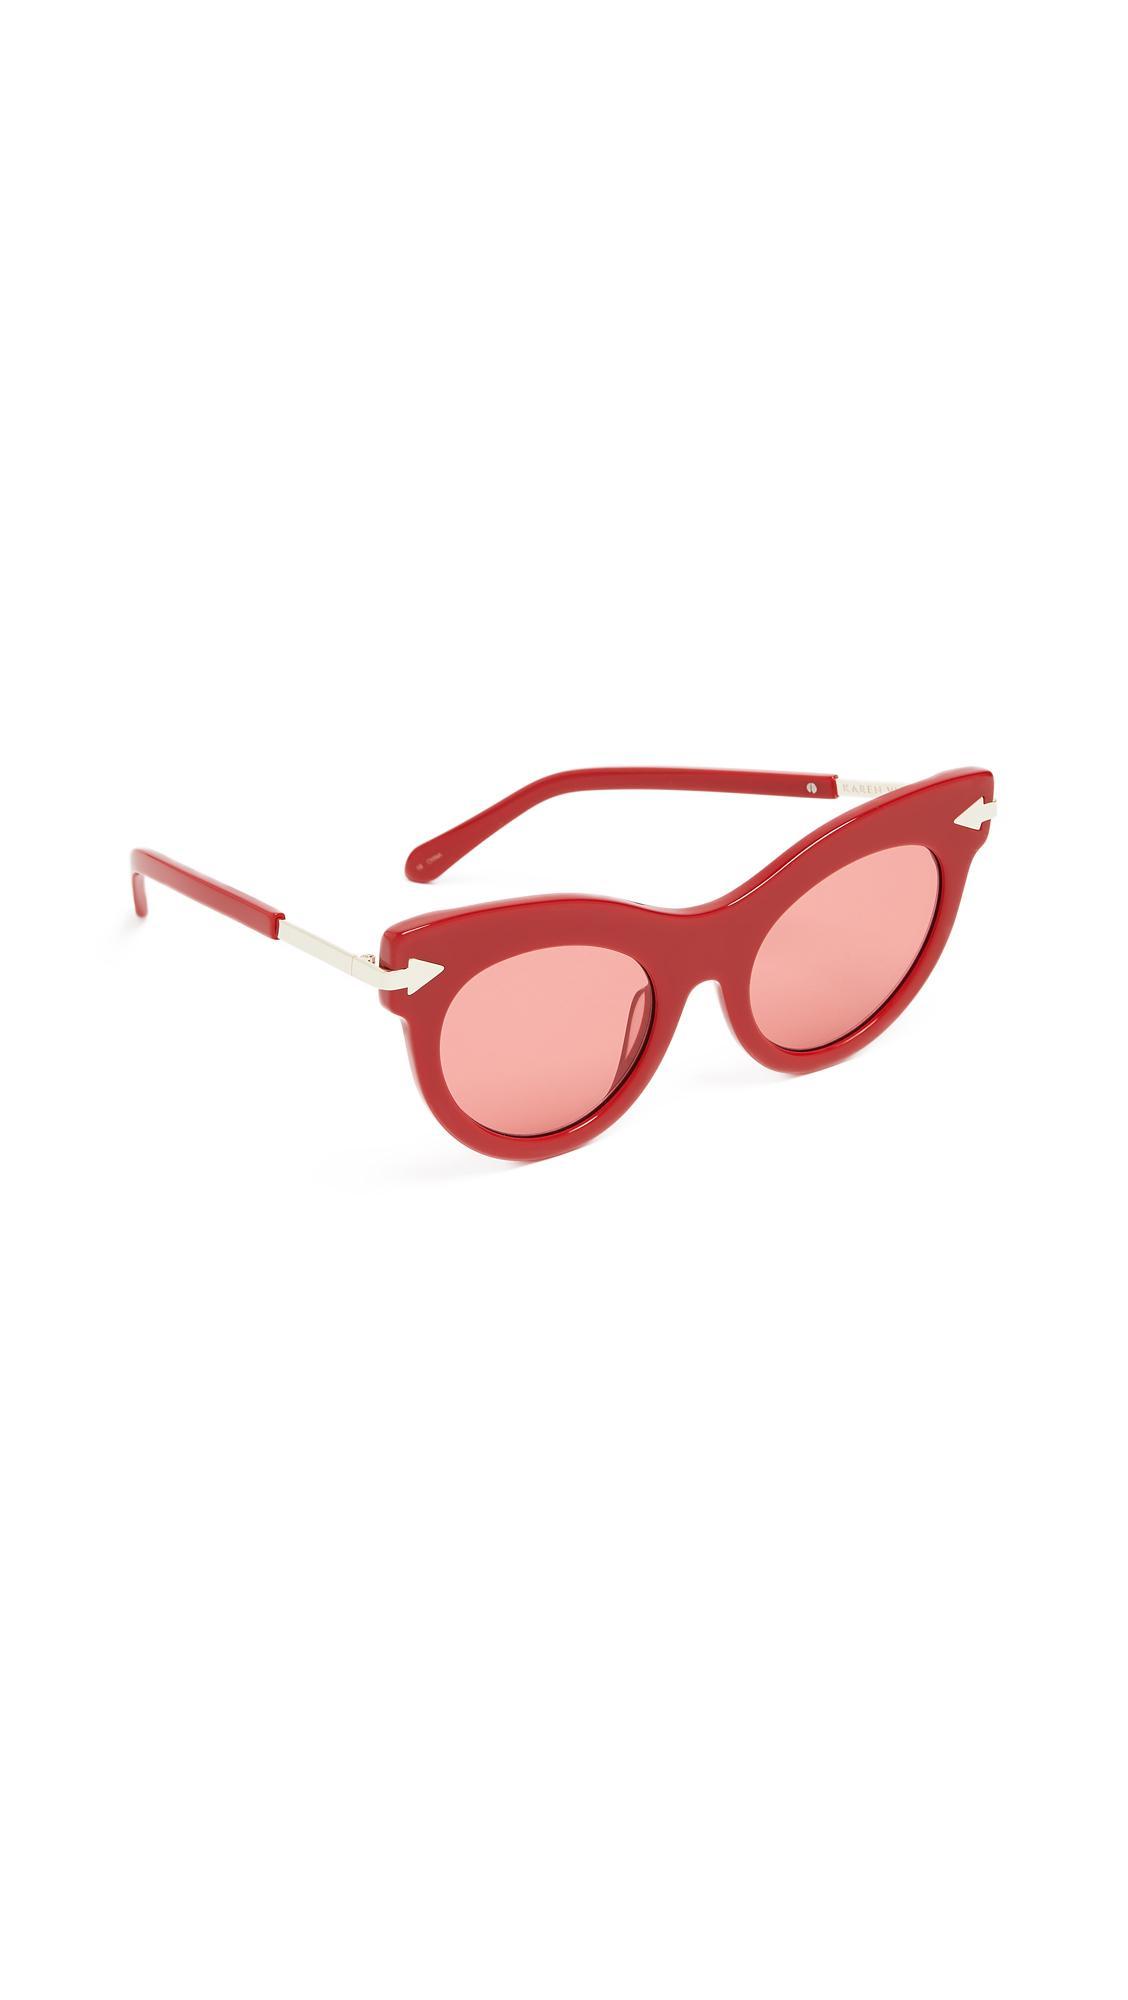 a098746463ab Karen Walker Miss Lark Sunglasses In Red/Red Tint | ModeSens